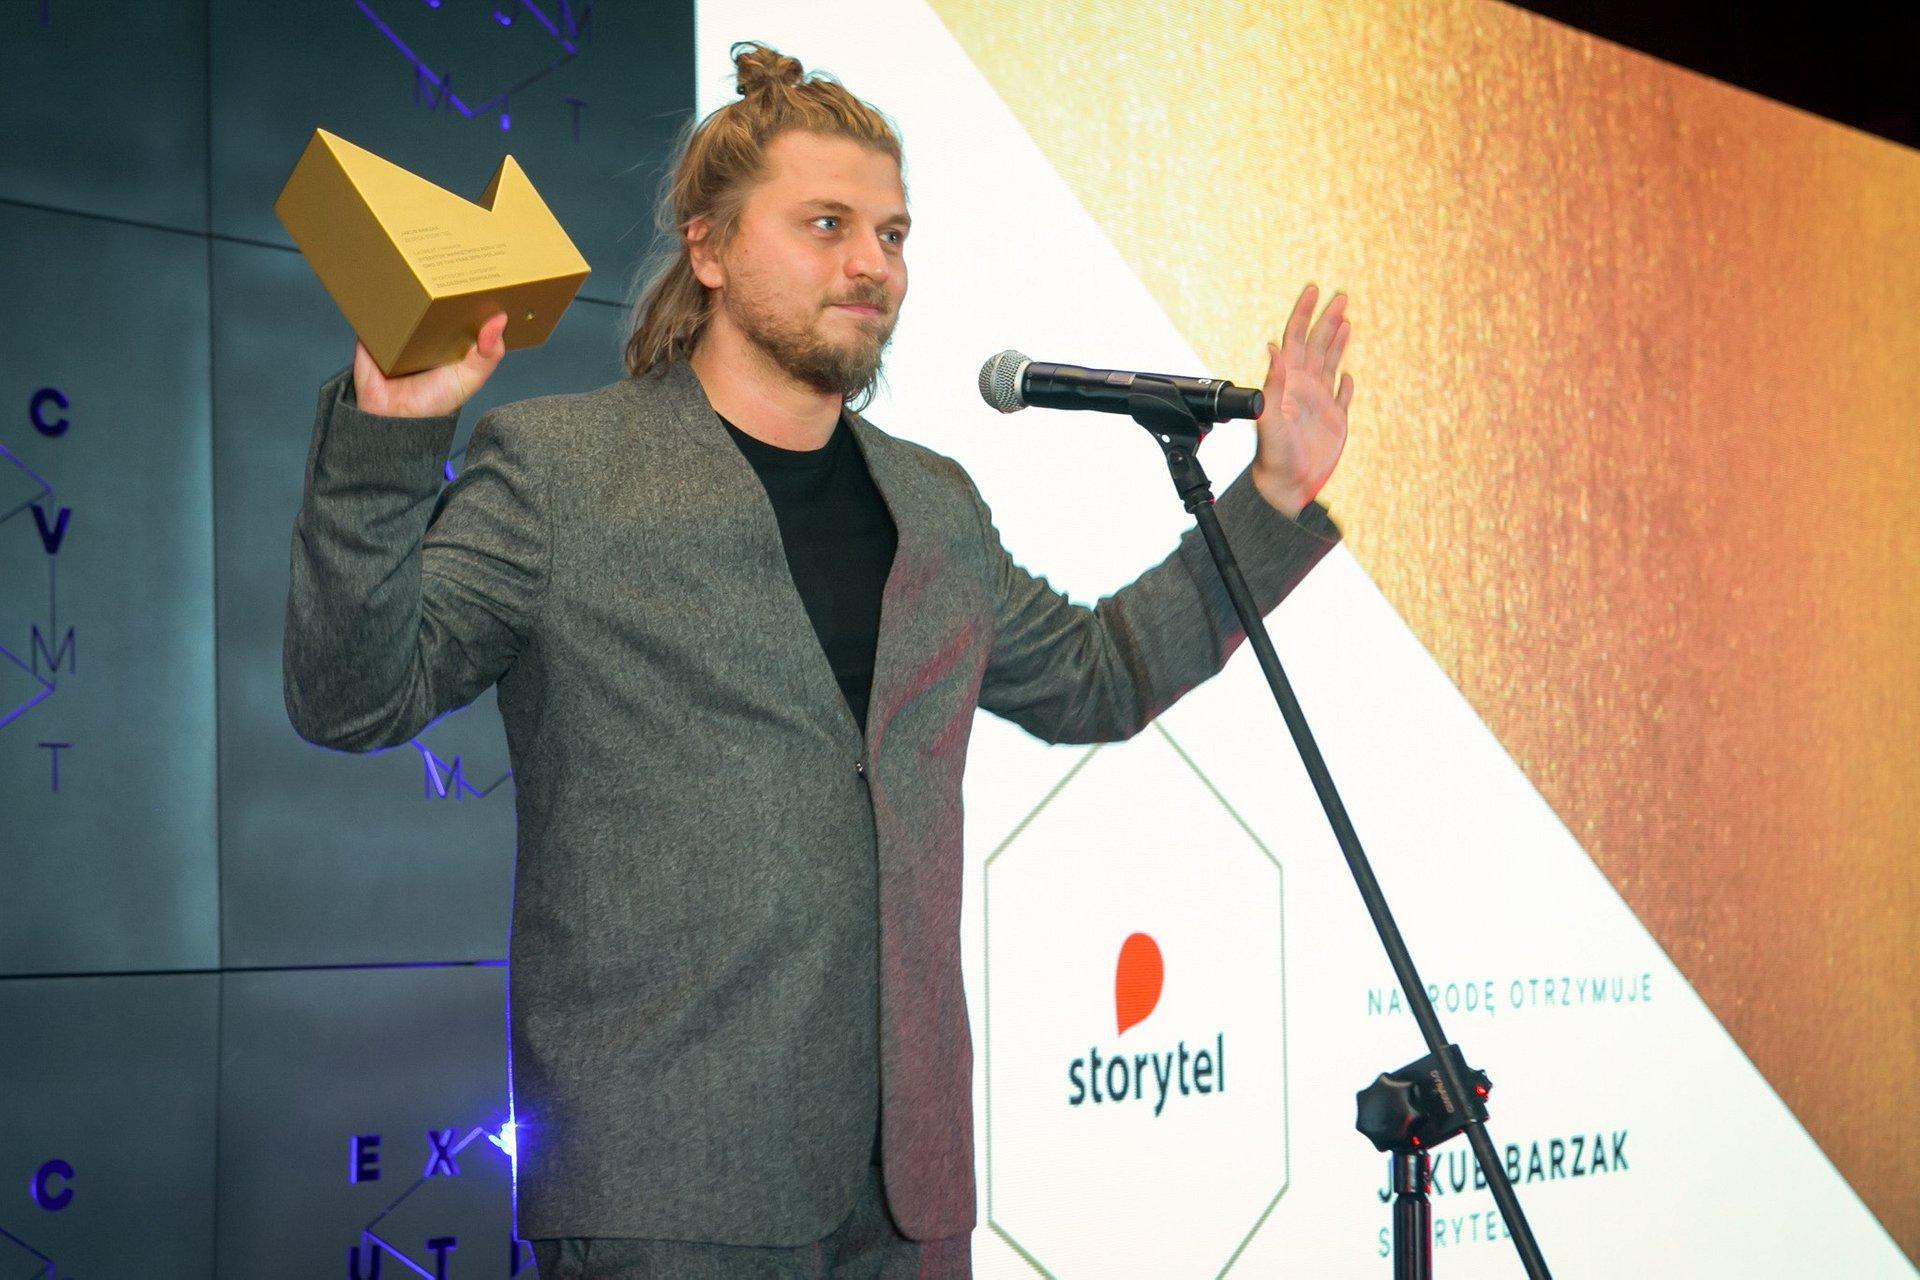 Jakub Barzak ze Storytel Dyrektorem Marketingu Roku, a kampanie marki docenione w konkursie niezależnej kreacji w reklamie - Kreatura 2019!